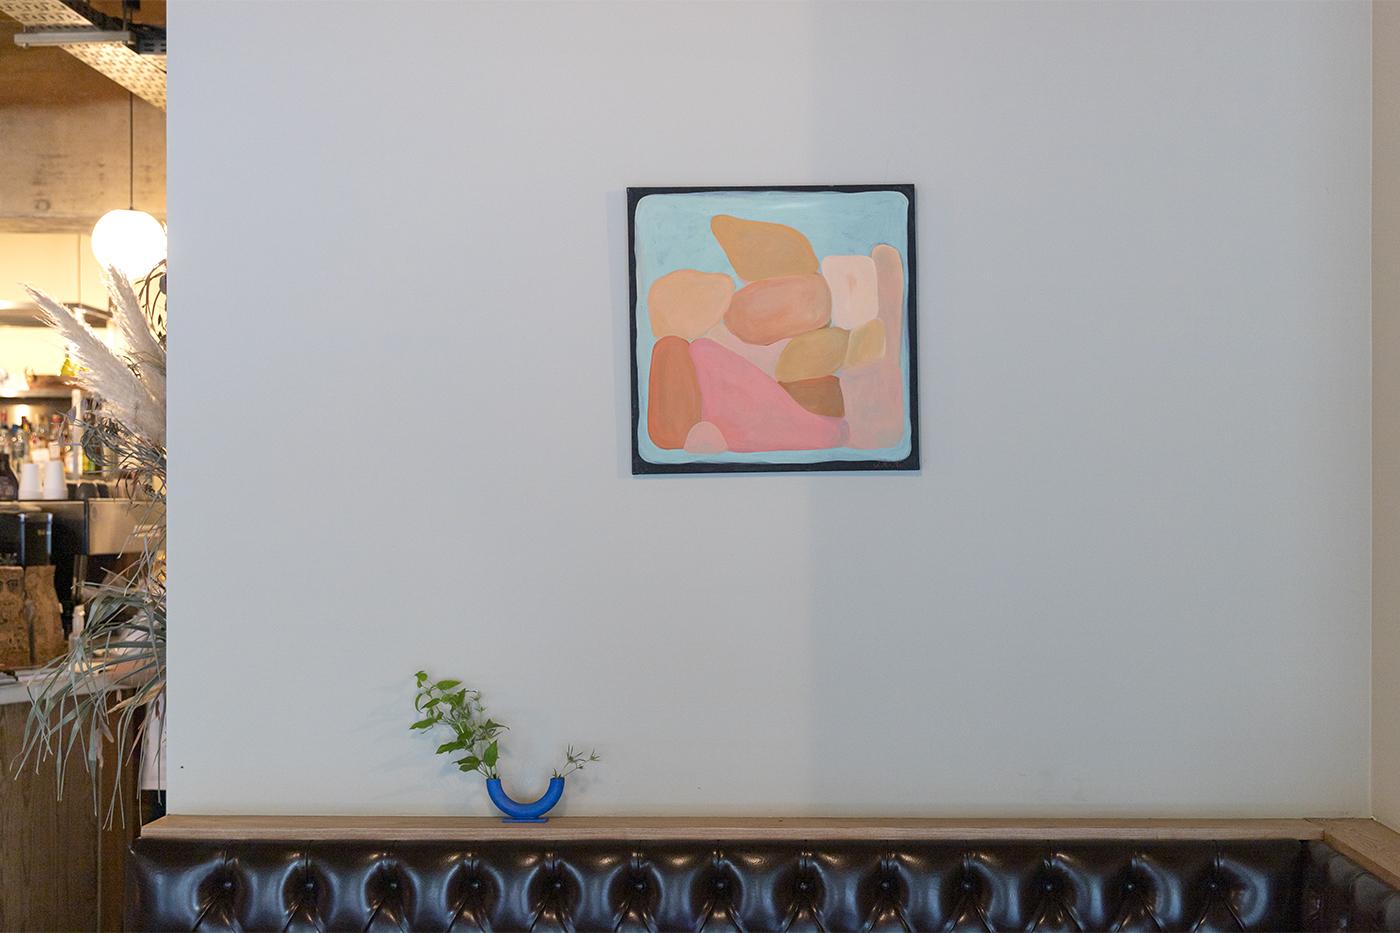 仙台のカフェ「HEY」に飾られてあるポートランドの作家Jess Ackermanさんの絵